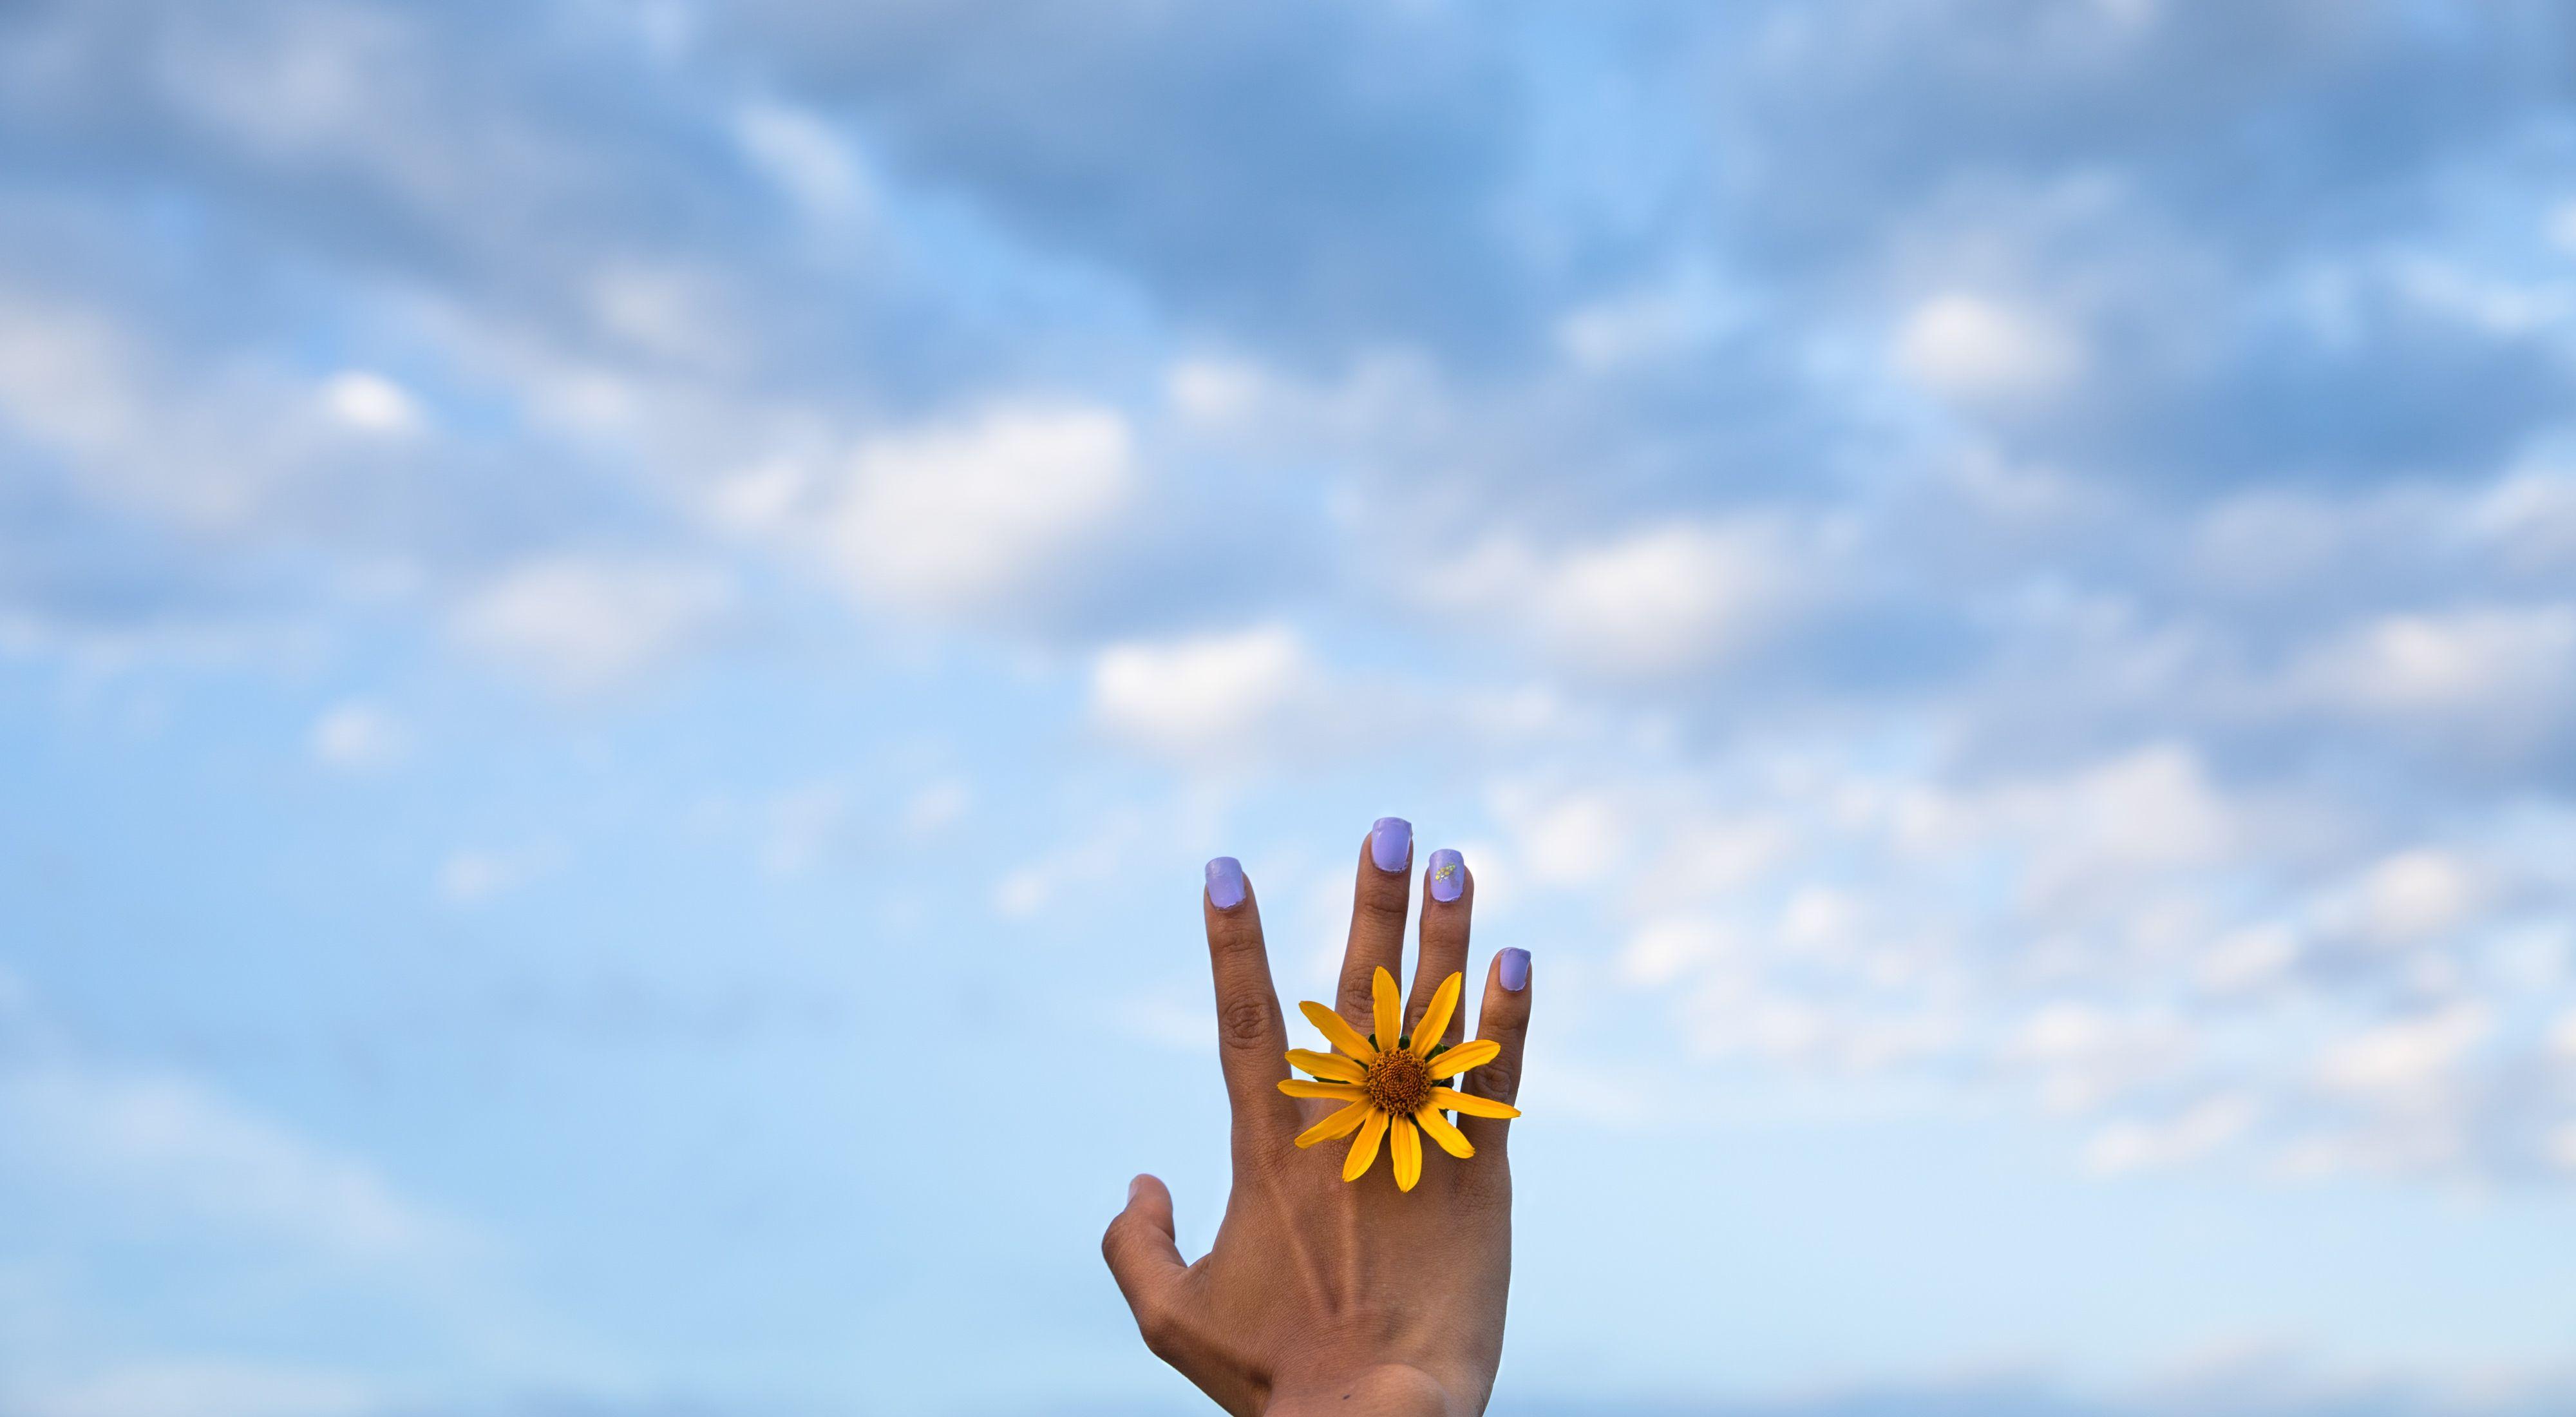 Una mujer sostiene una flor, de fondo un cielo azul embellece la tarde.